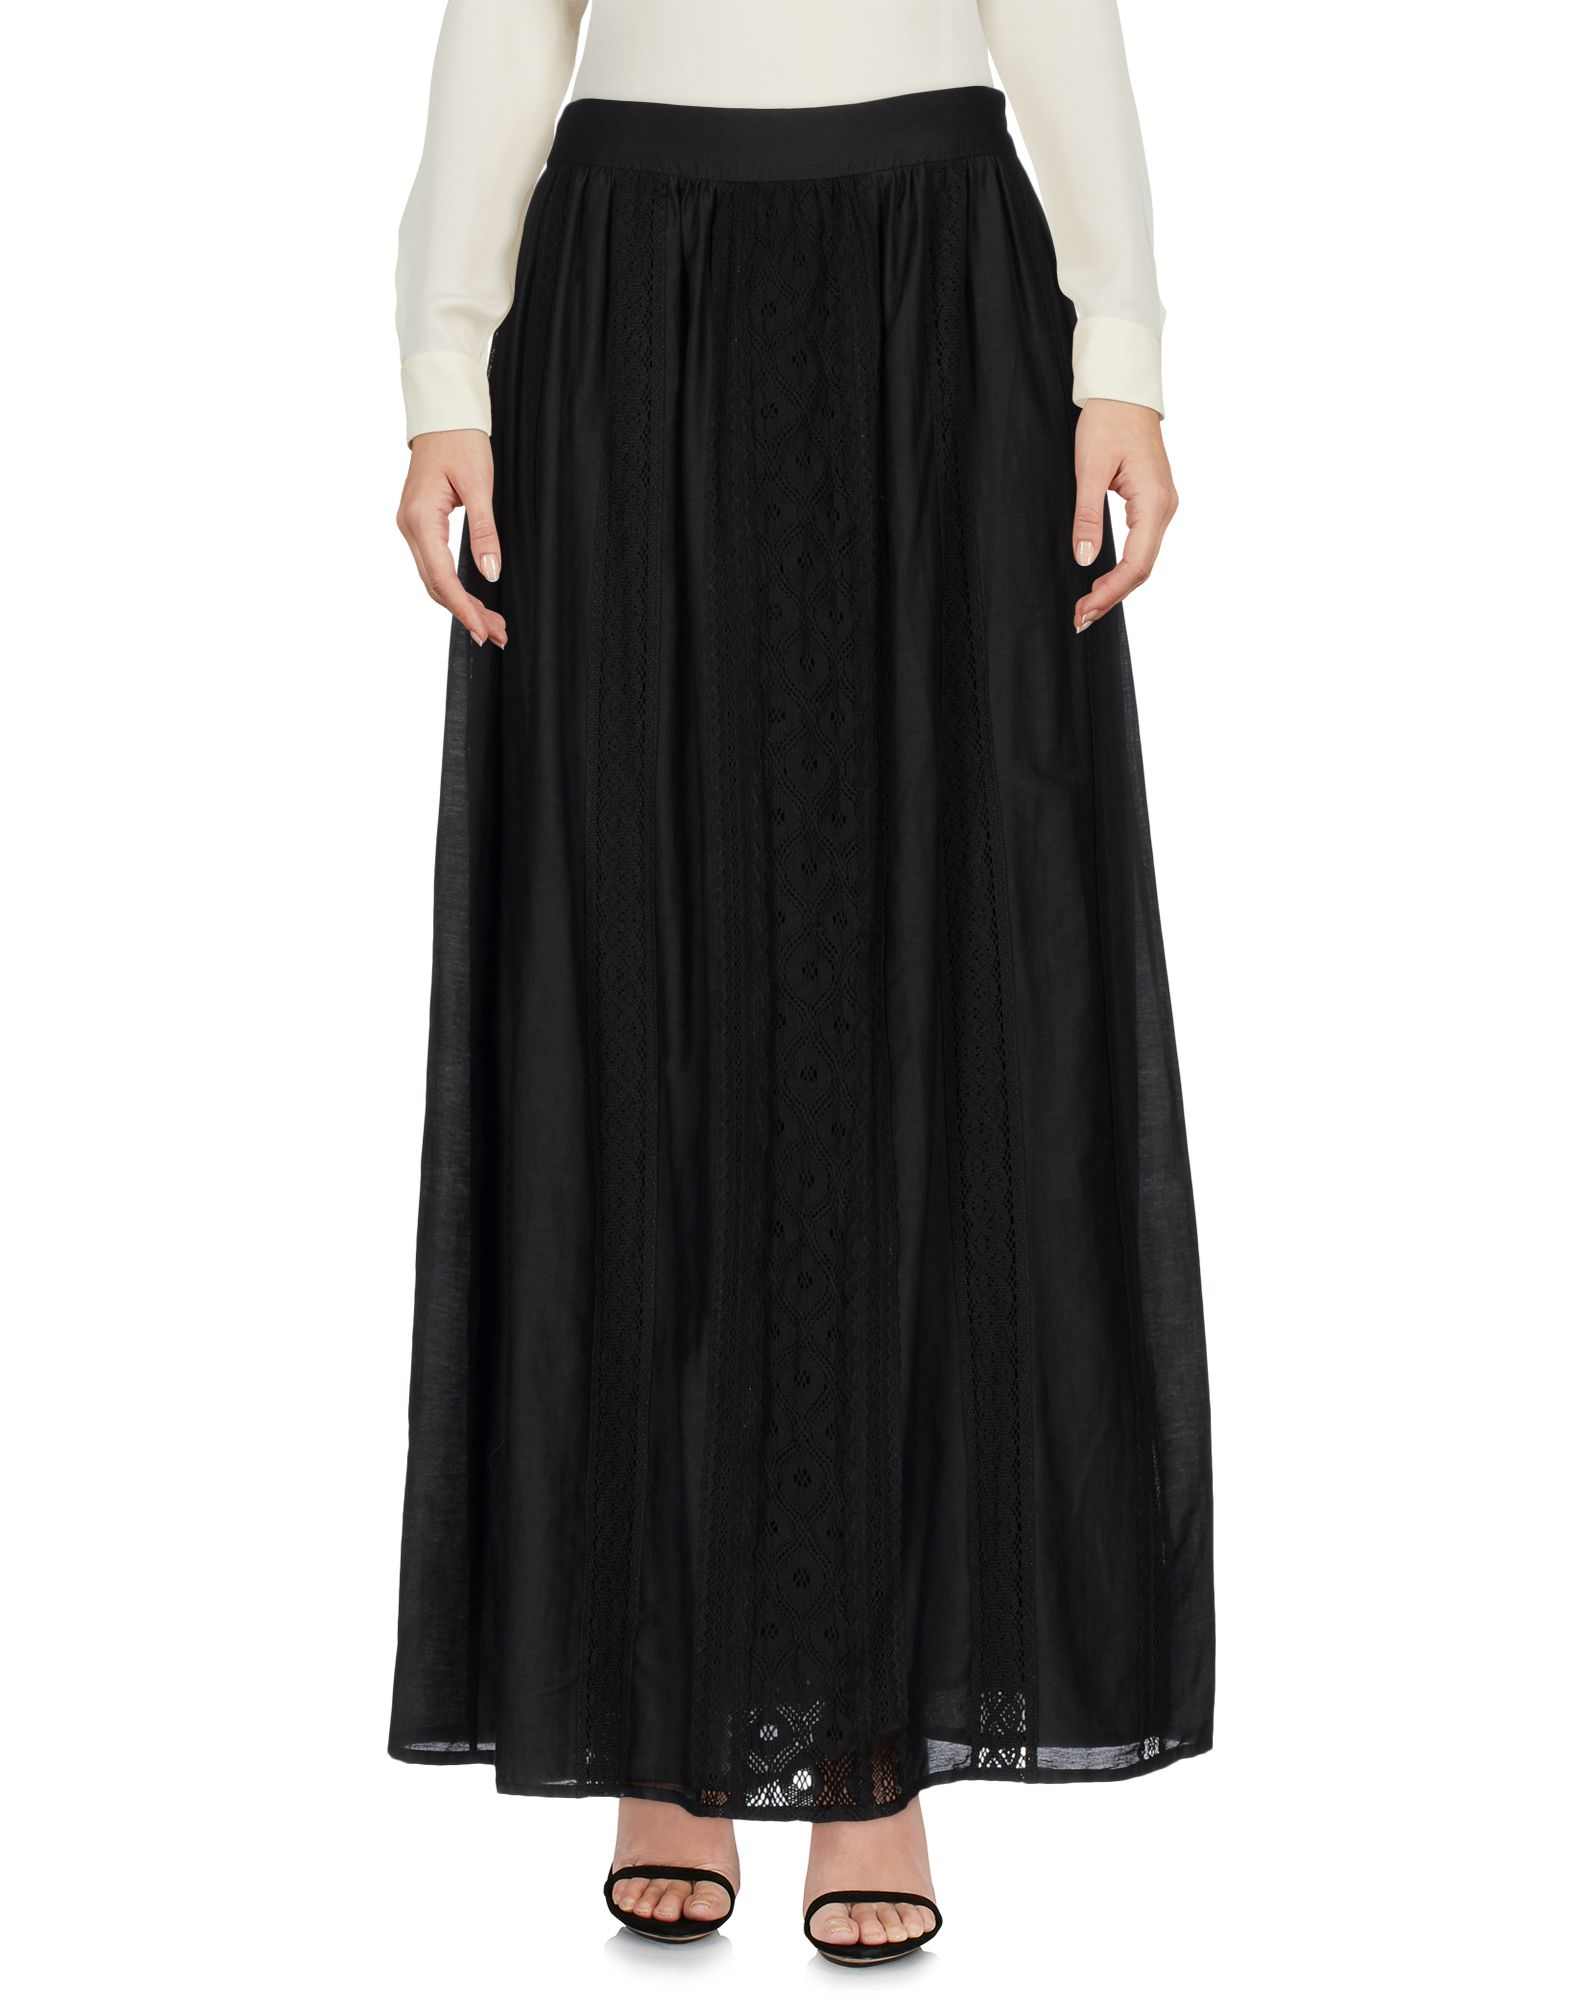 где купить SOHO DE LUXE Длинная юбка по лучшей цене